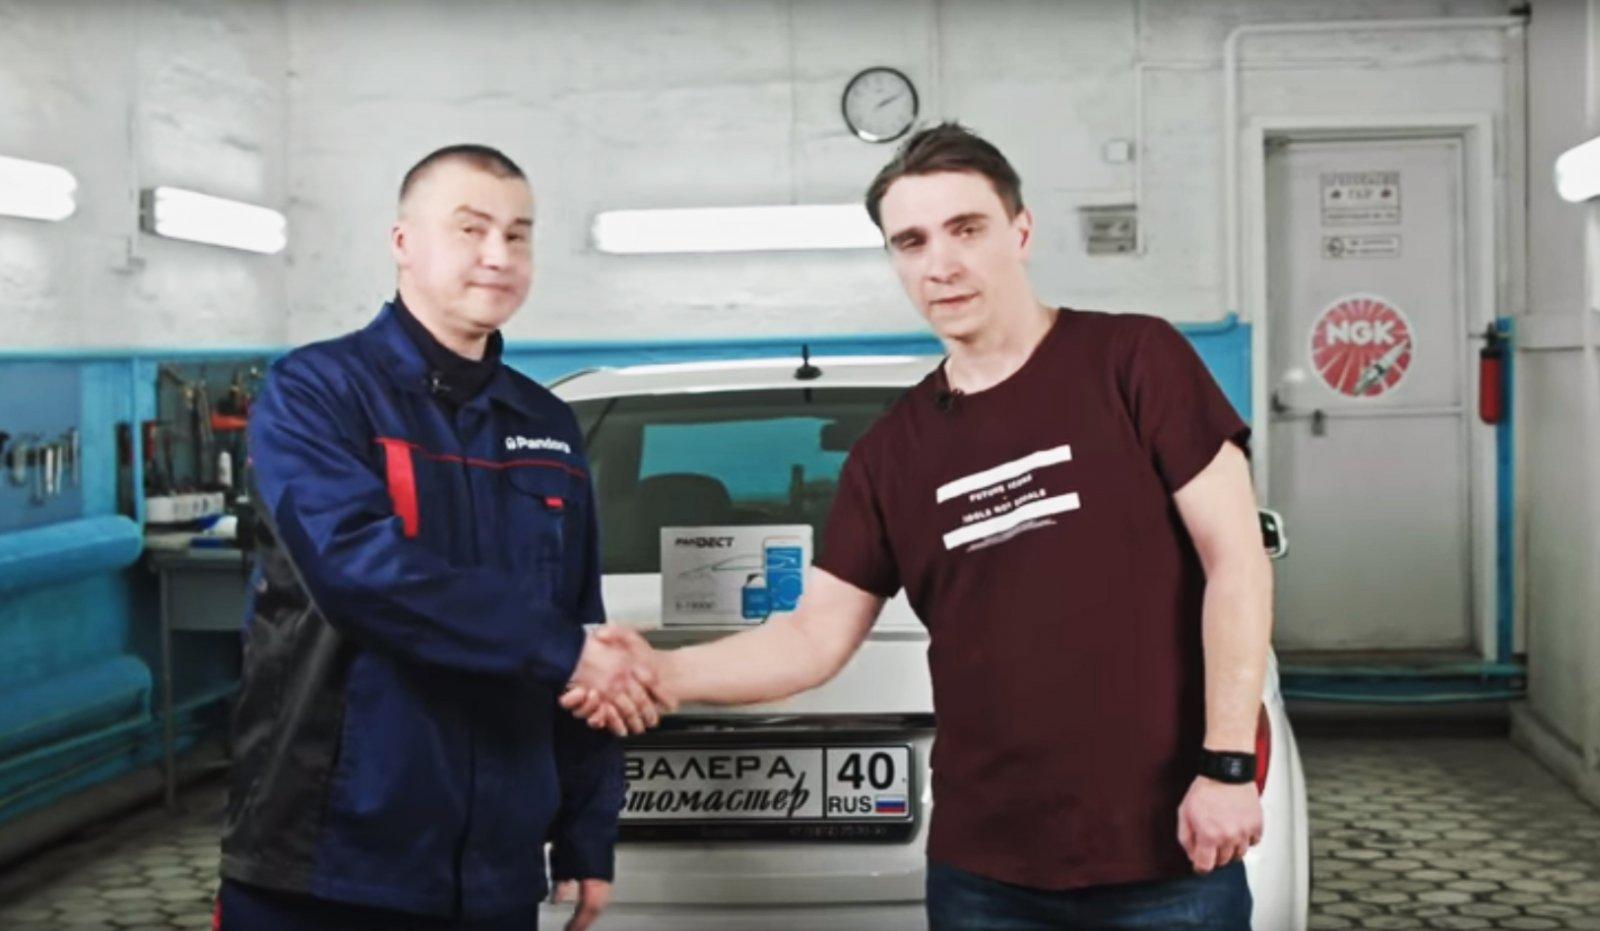 Бесплатный автозапуск Mercedes от Pandora В Ярославле